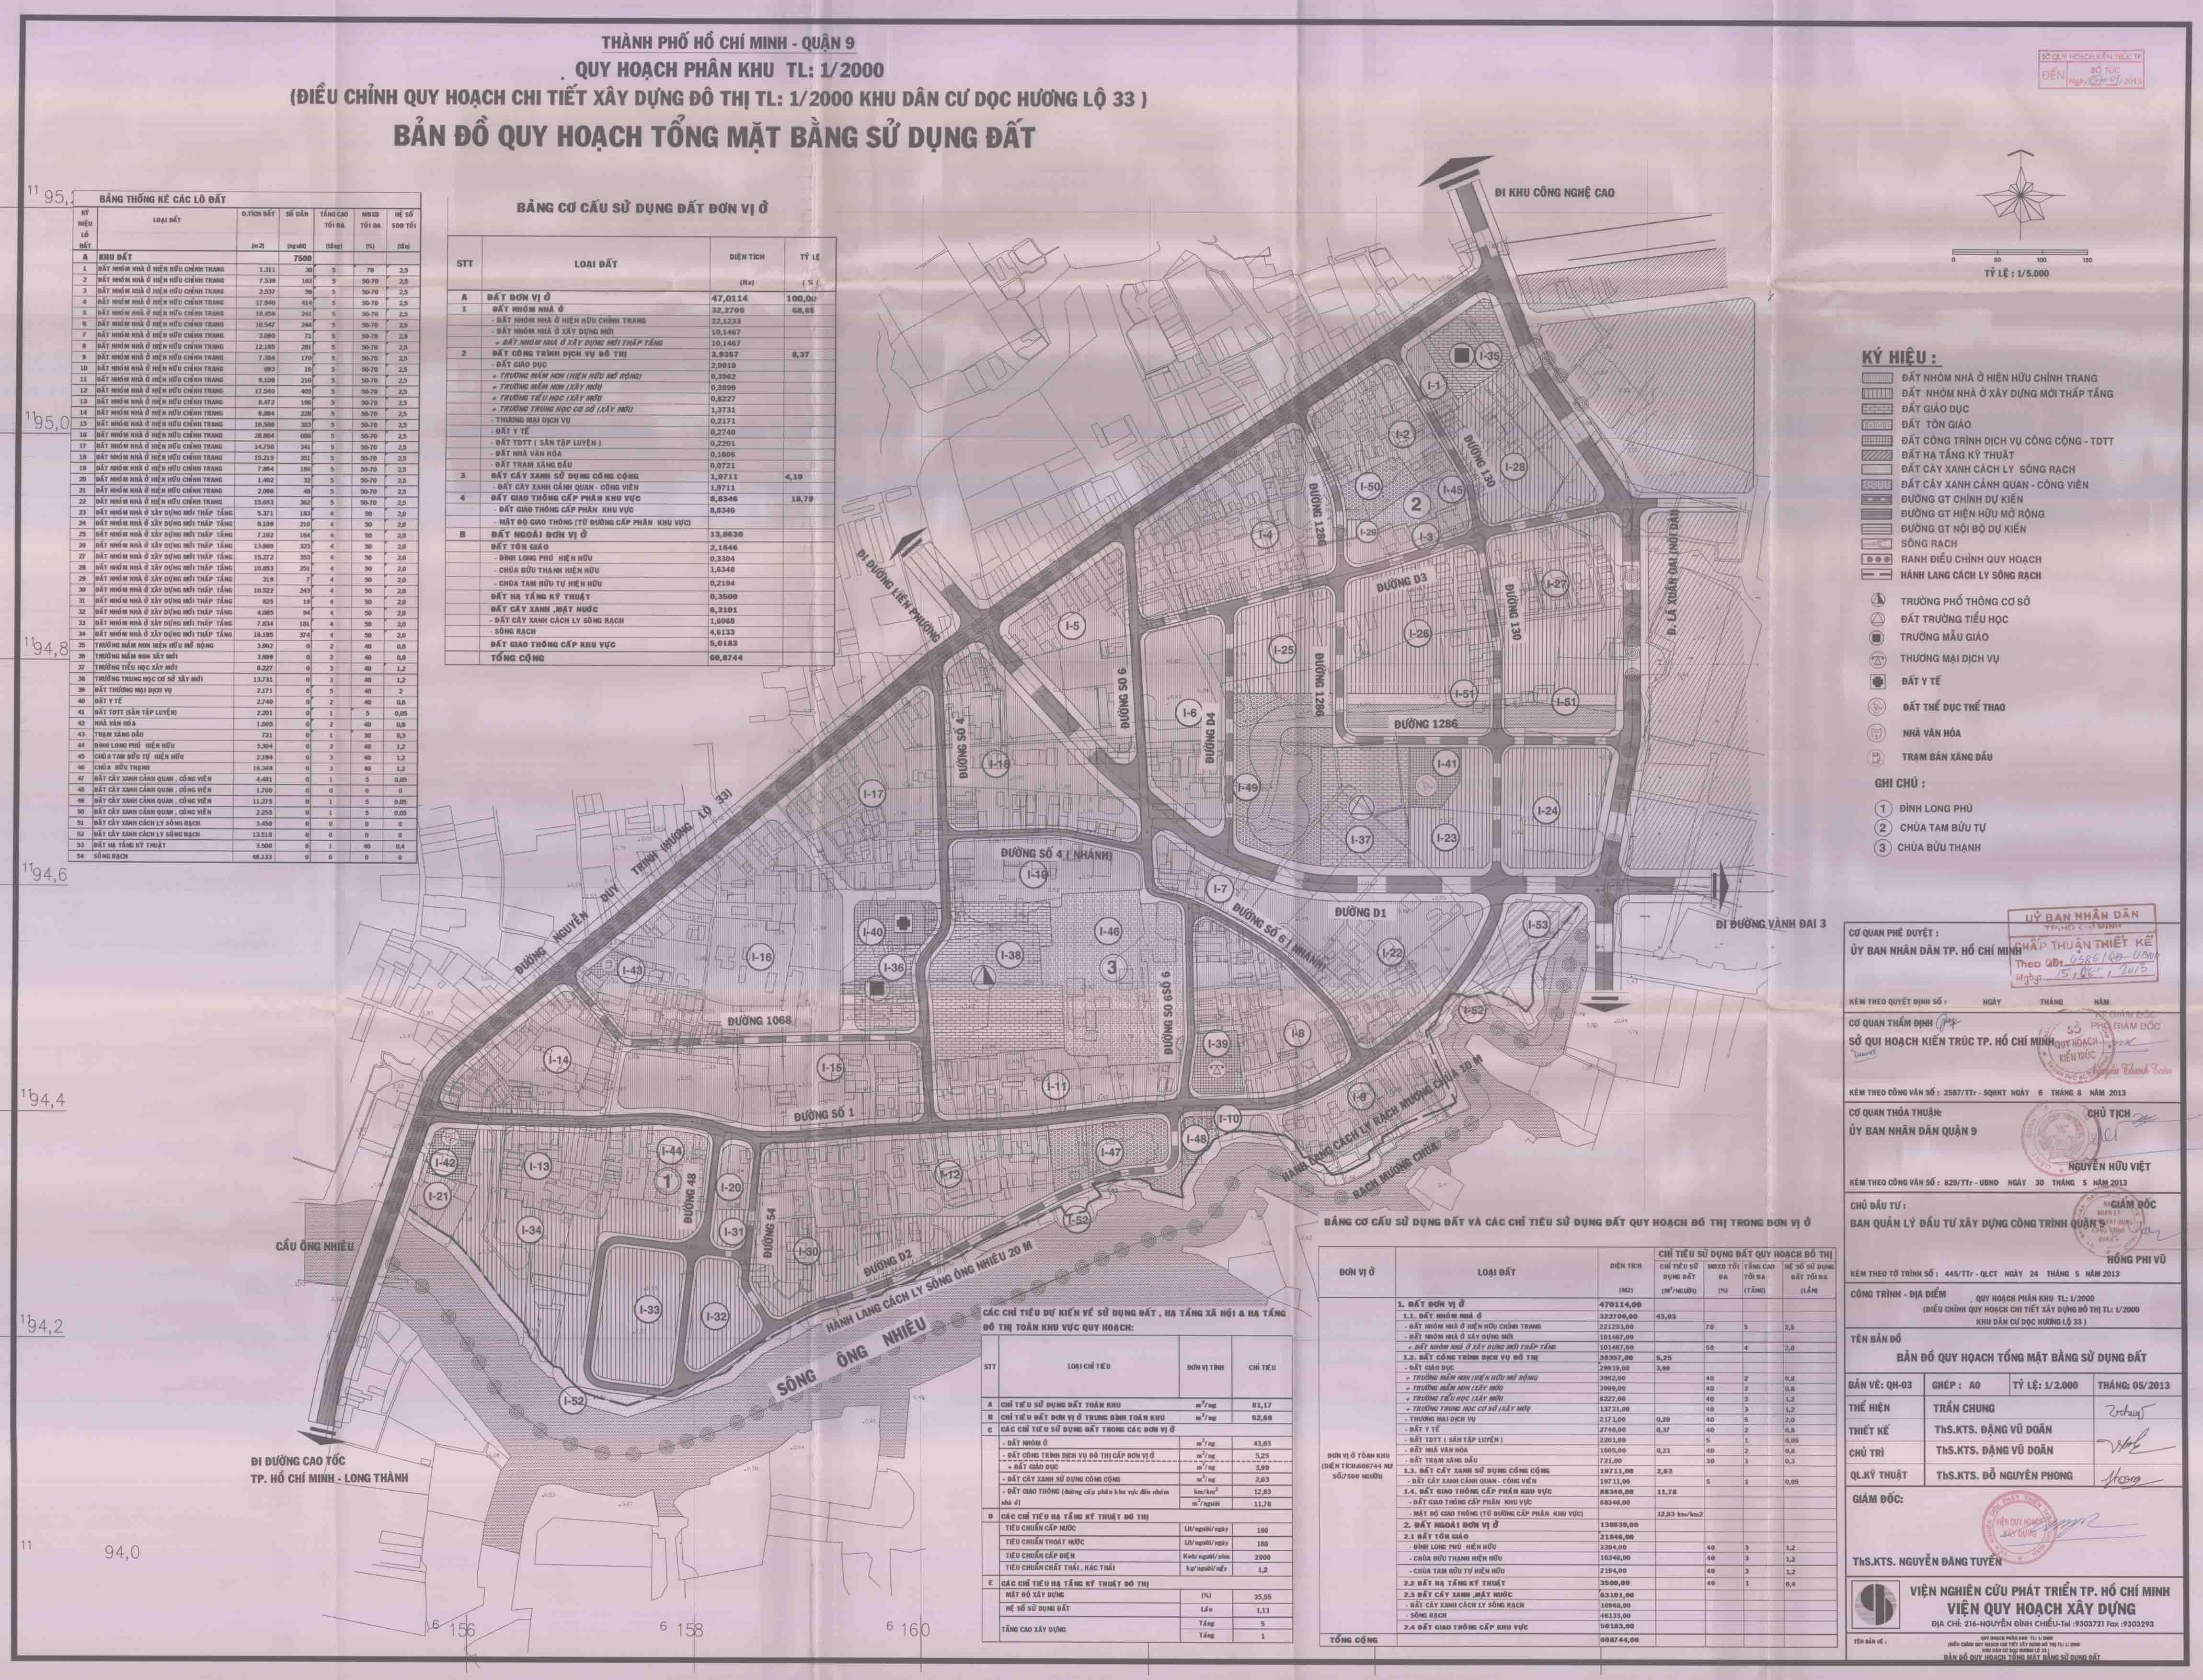 Khu dân cư Long Trường dọc Hương lộ 33, Quận 9